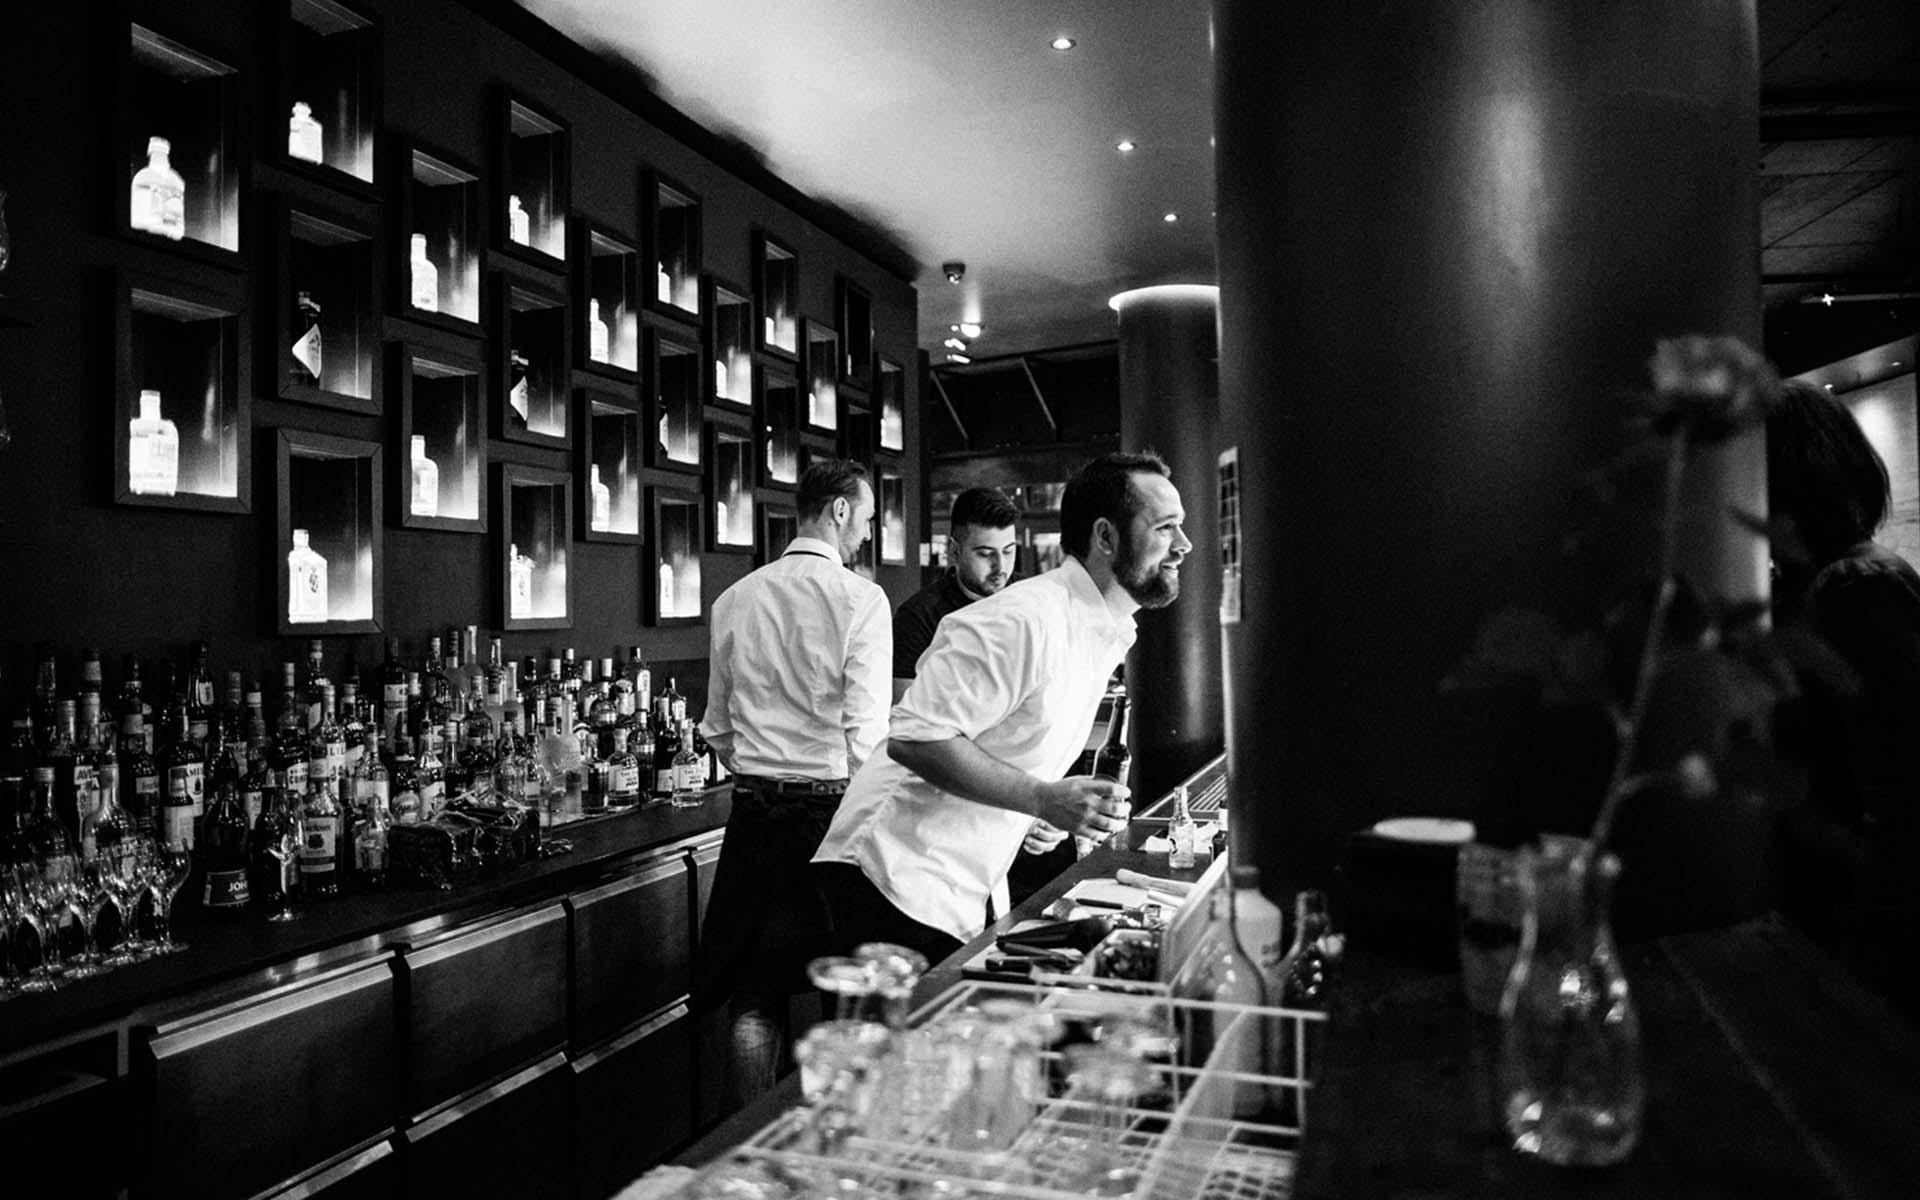 Bar - Nachtleben - Drinks - Nettes und freundliches Personal